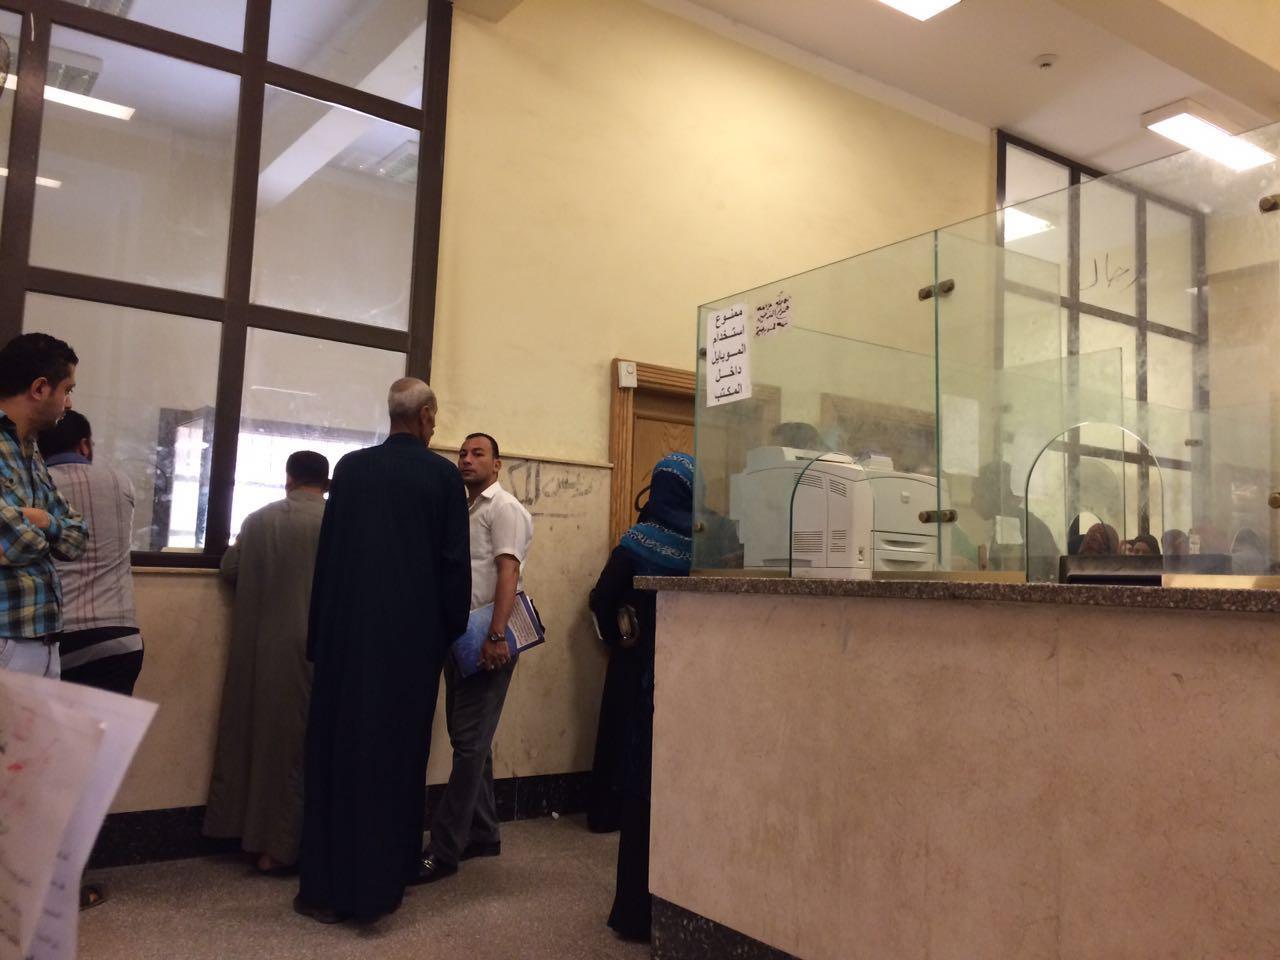 صور| مكتب الشهر العقاري بزفتى: «الموظف مش موجود.. والمديرة لا تستمع للمواطنين»